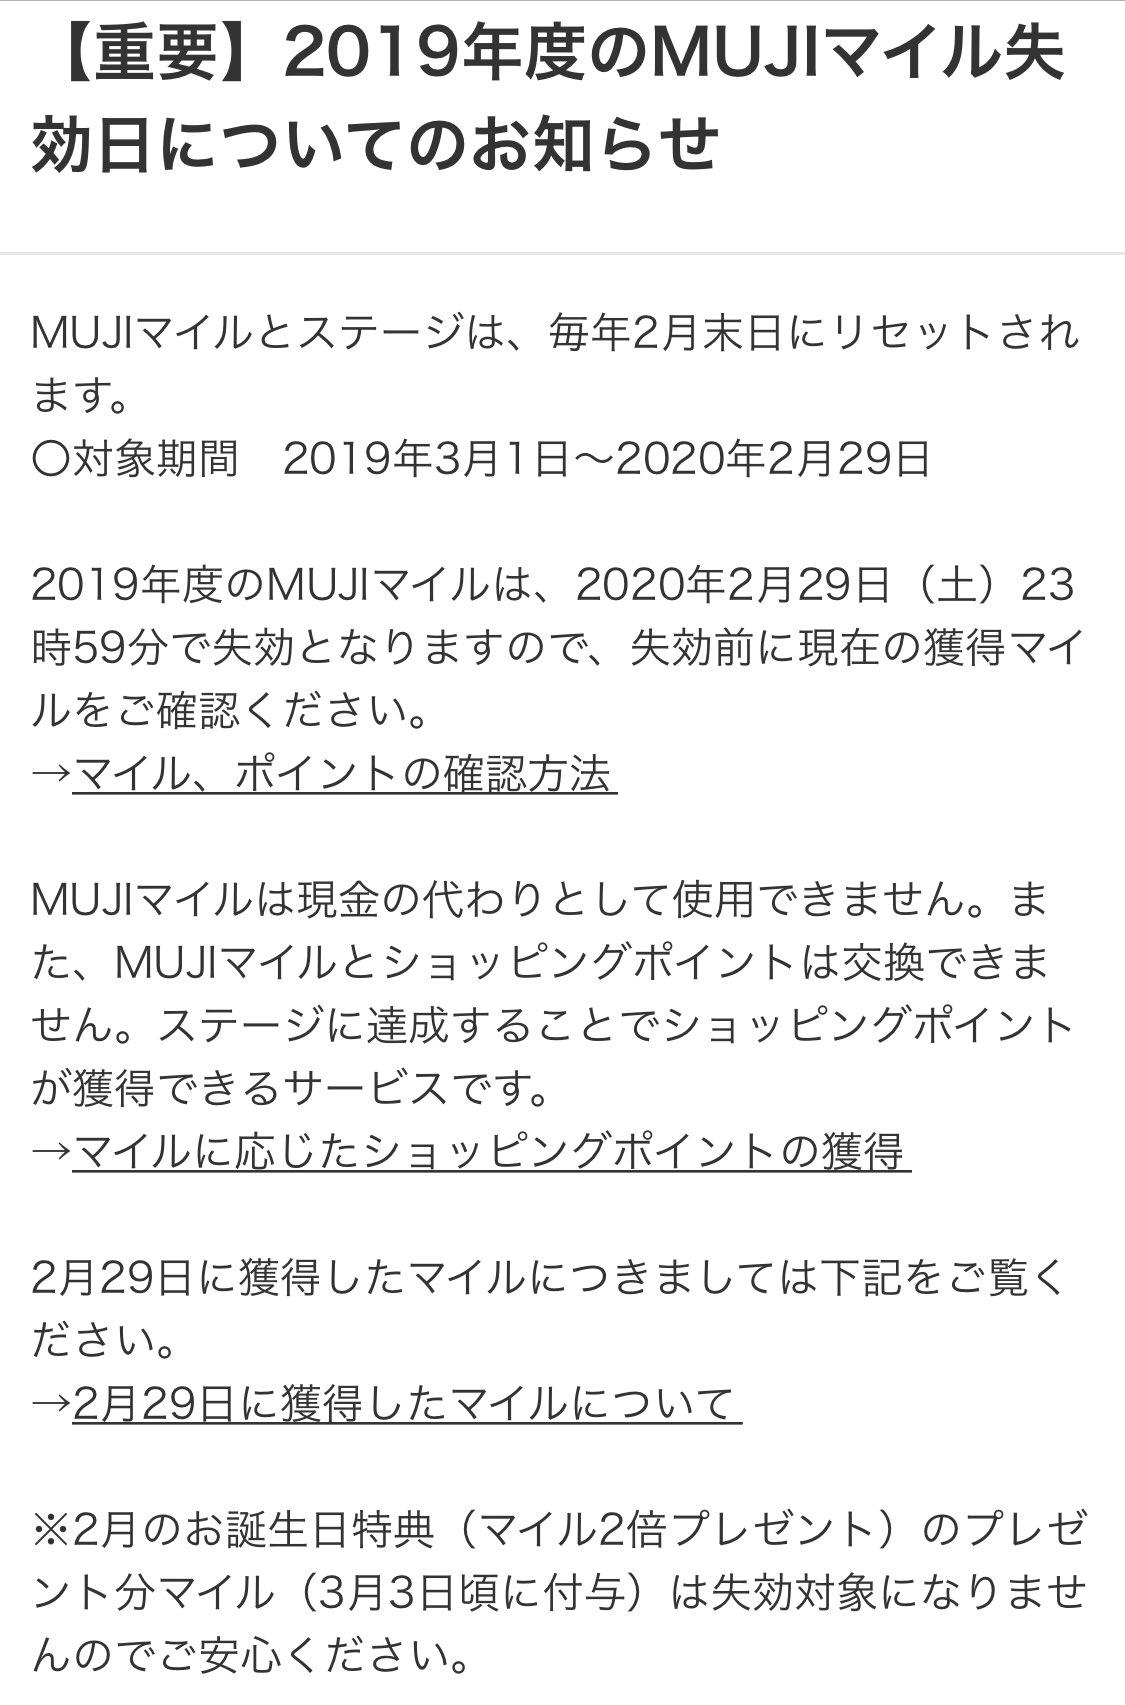 マイル muji 【無印良品】MUJIマイルとは何?貯め方と使い方を知ってお得に!